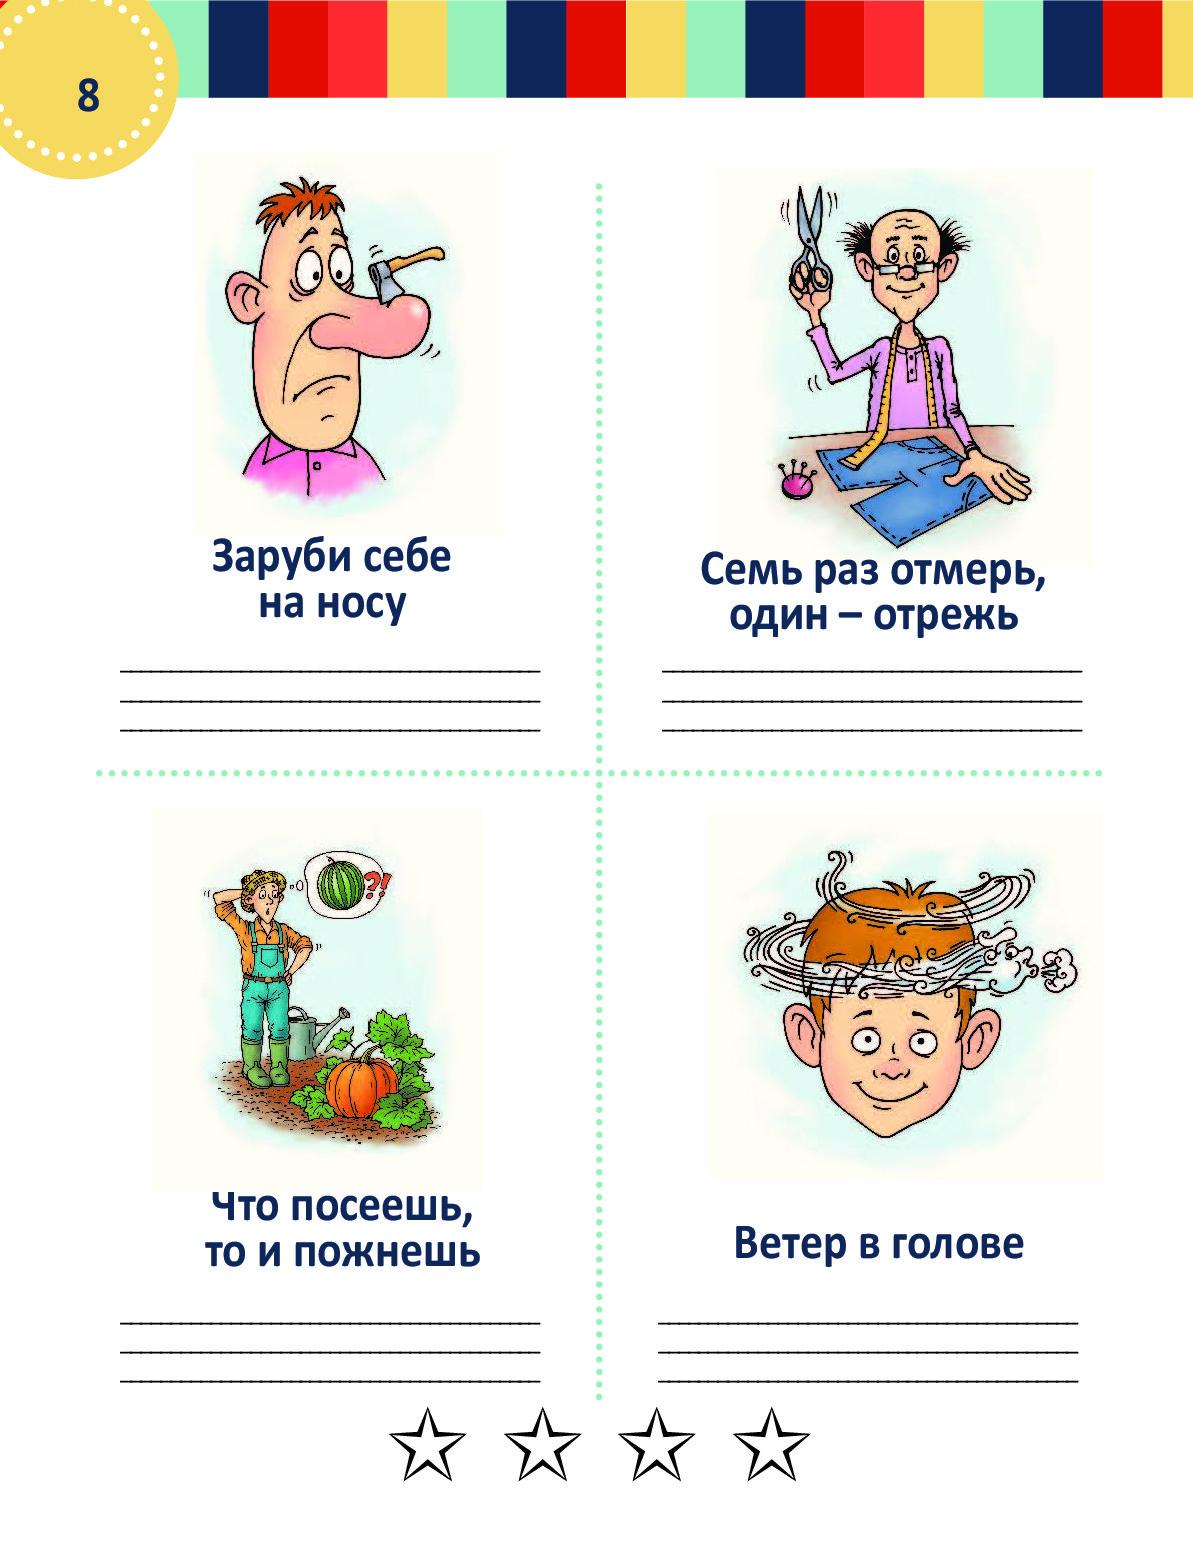 тарасов своих поговорки в картинках детям томске